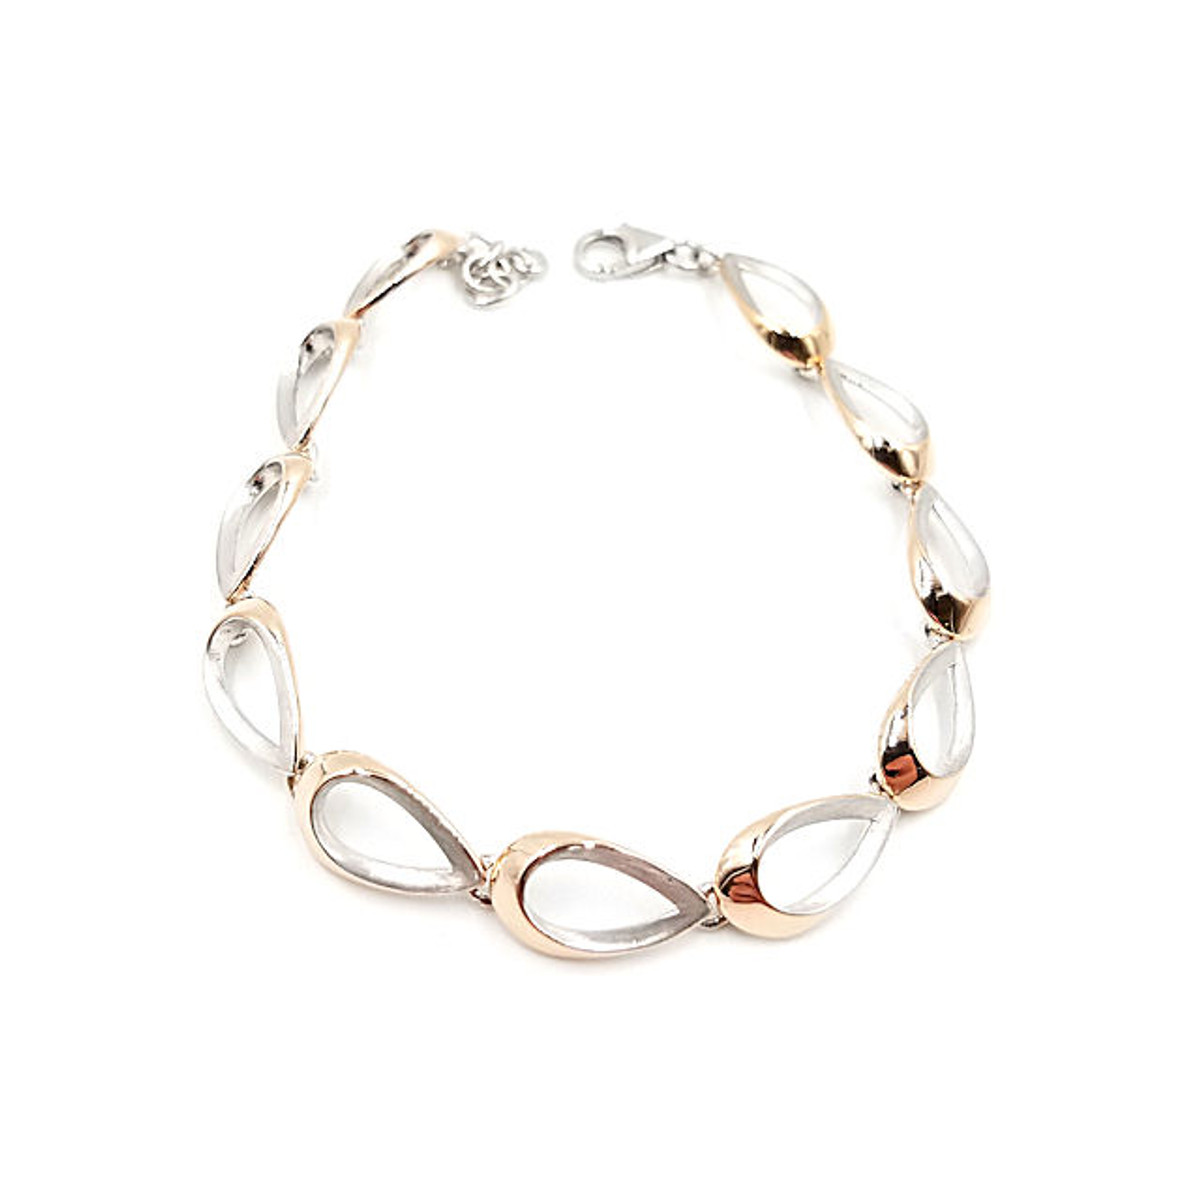 Silver & rose gold over silver bracelet